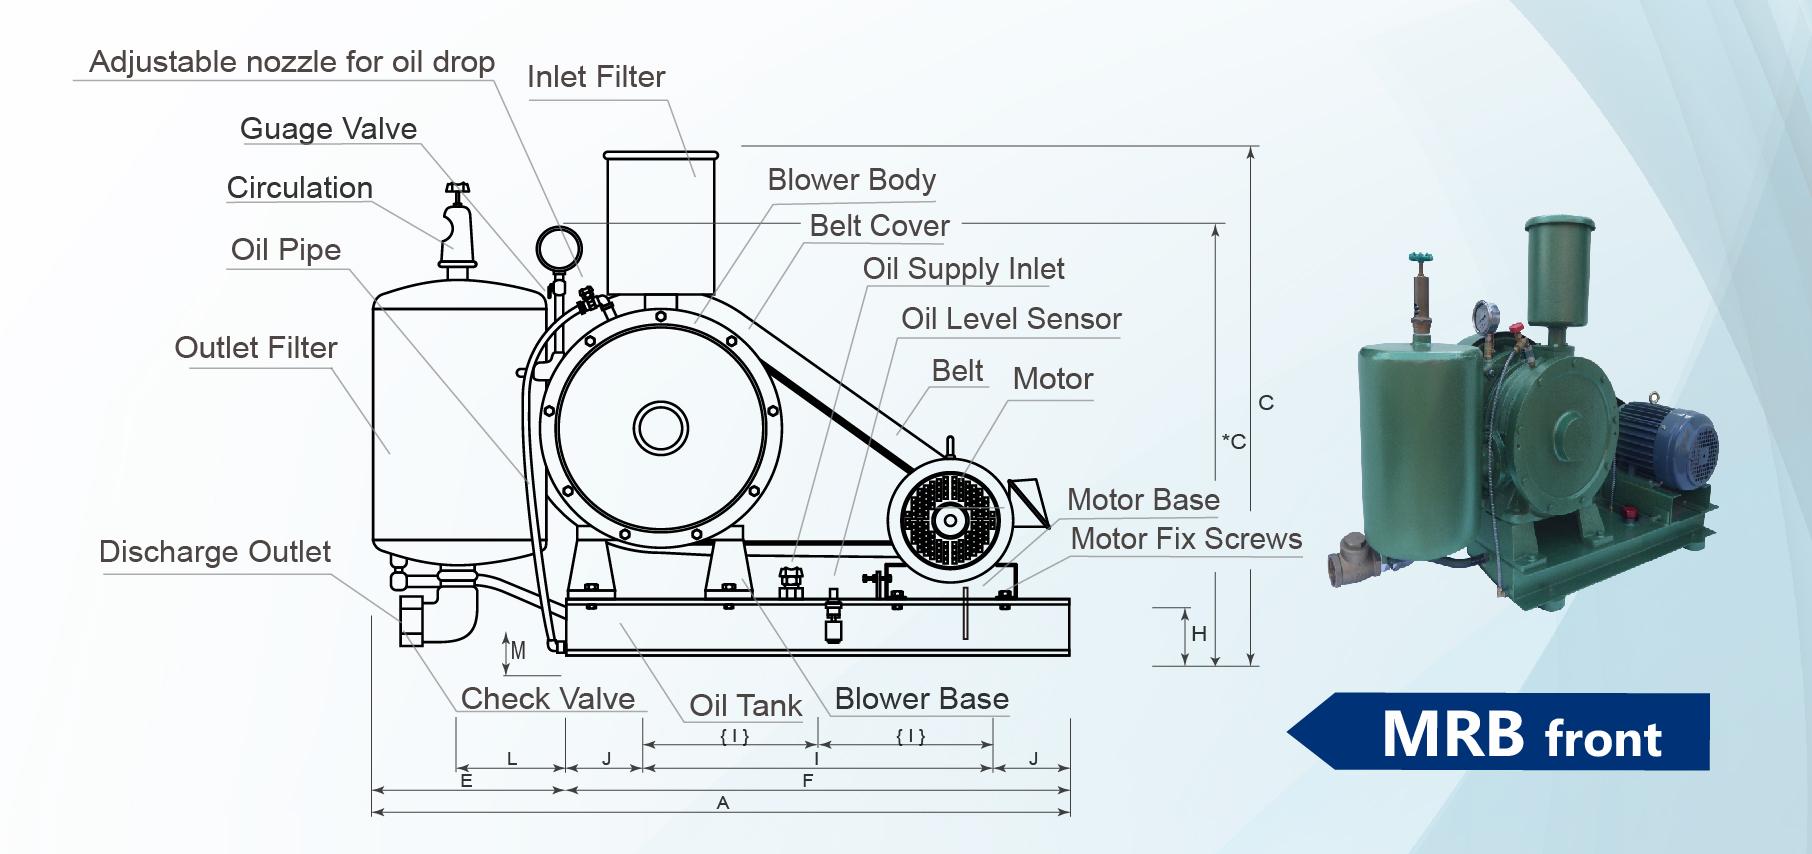 Commercial Rotary Blower : Rotary vane type blower vacuum pump mrb